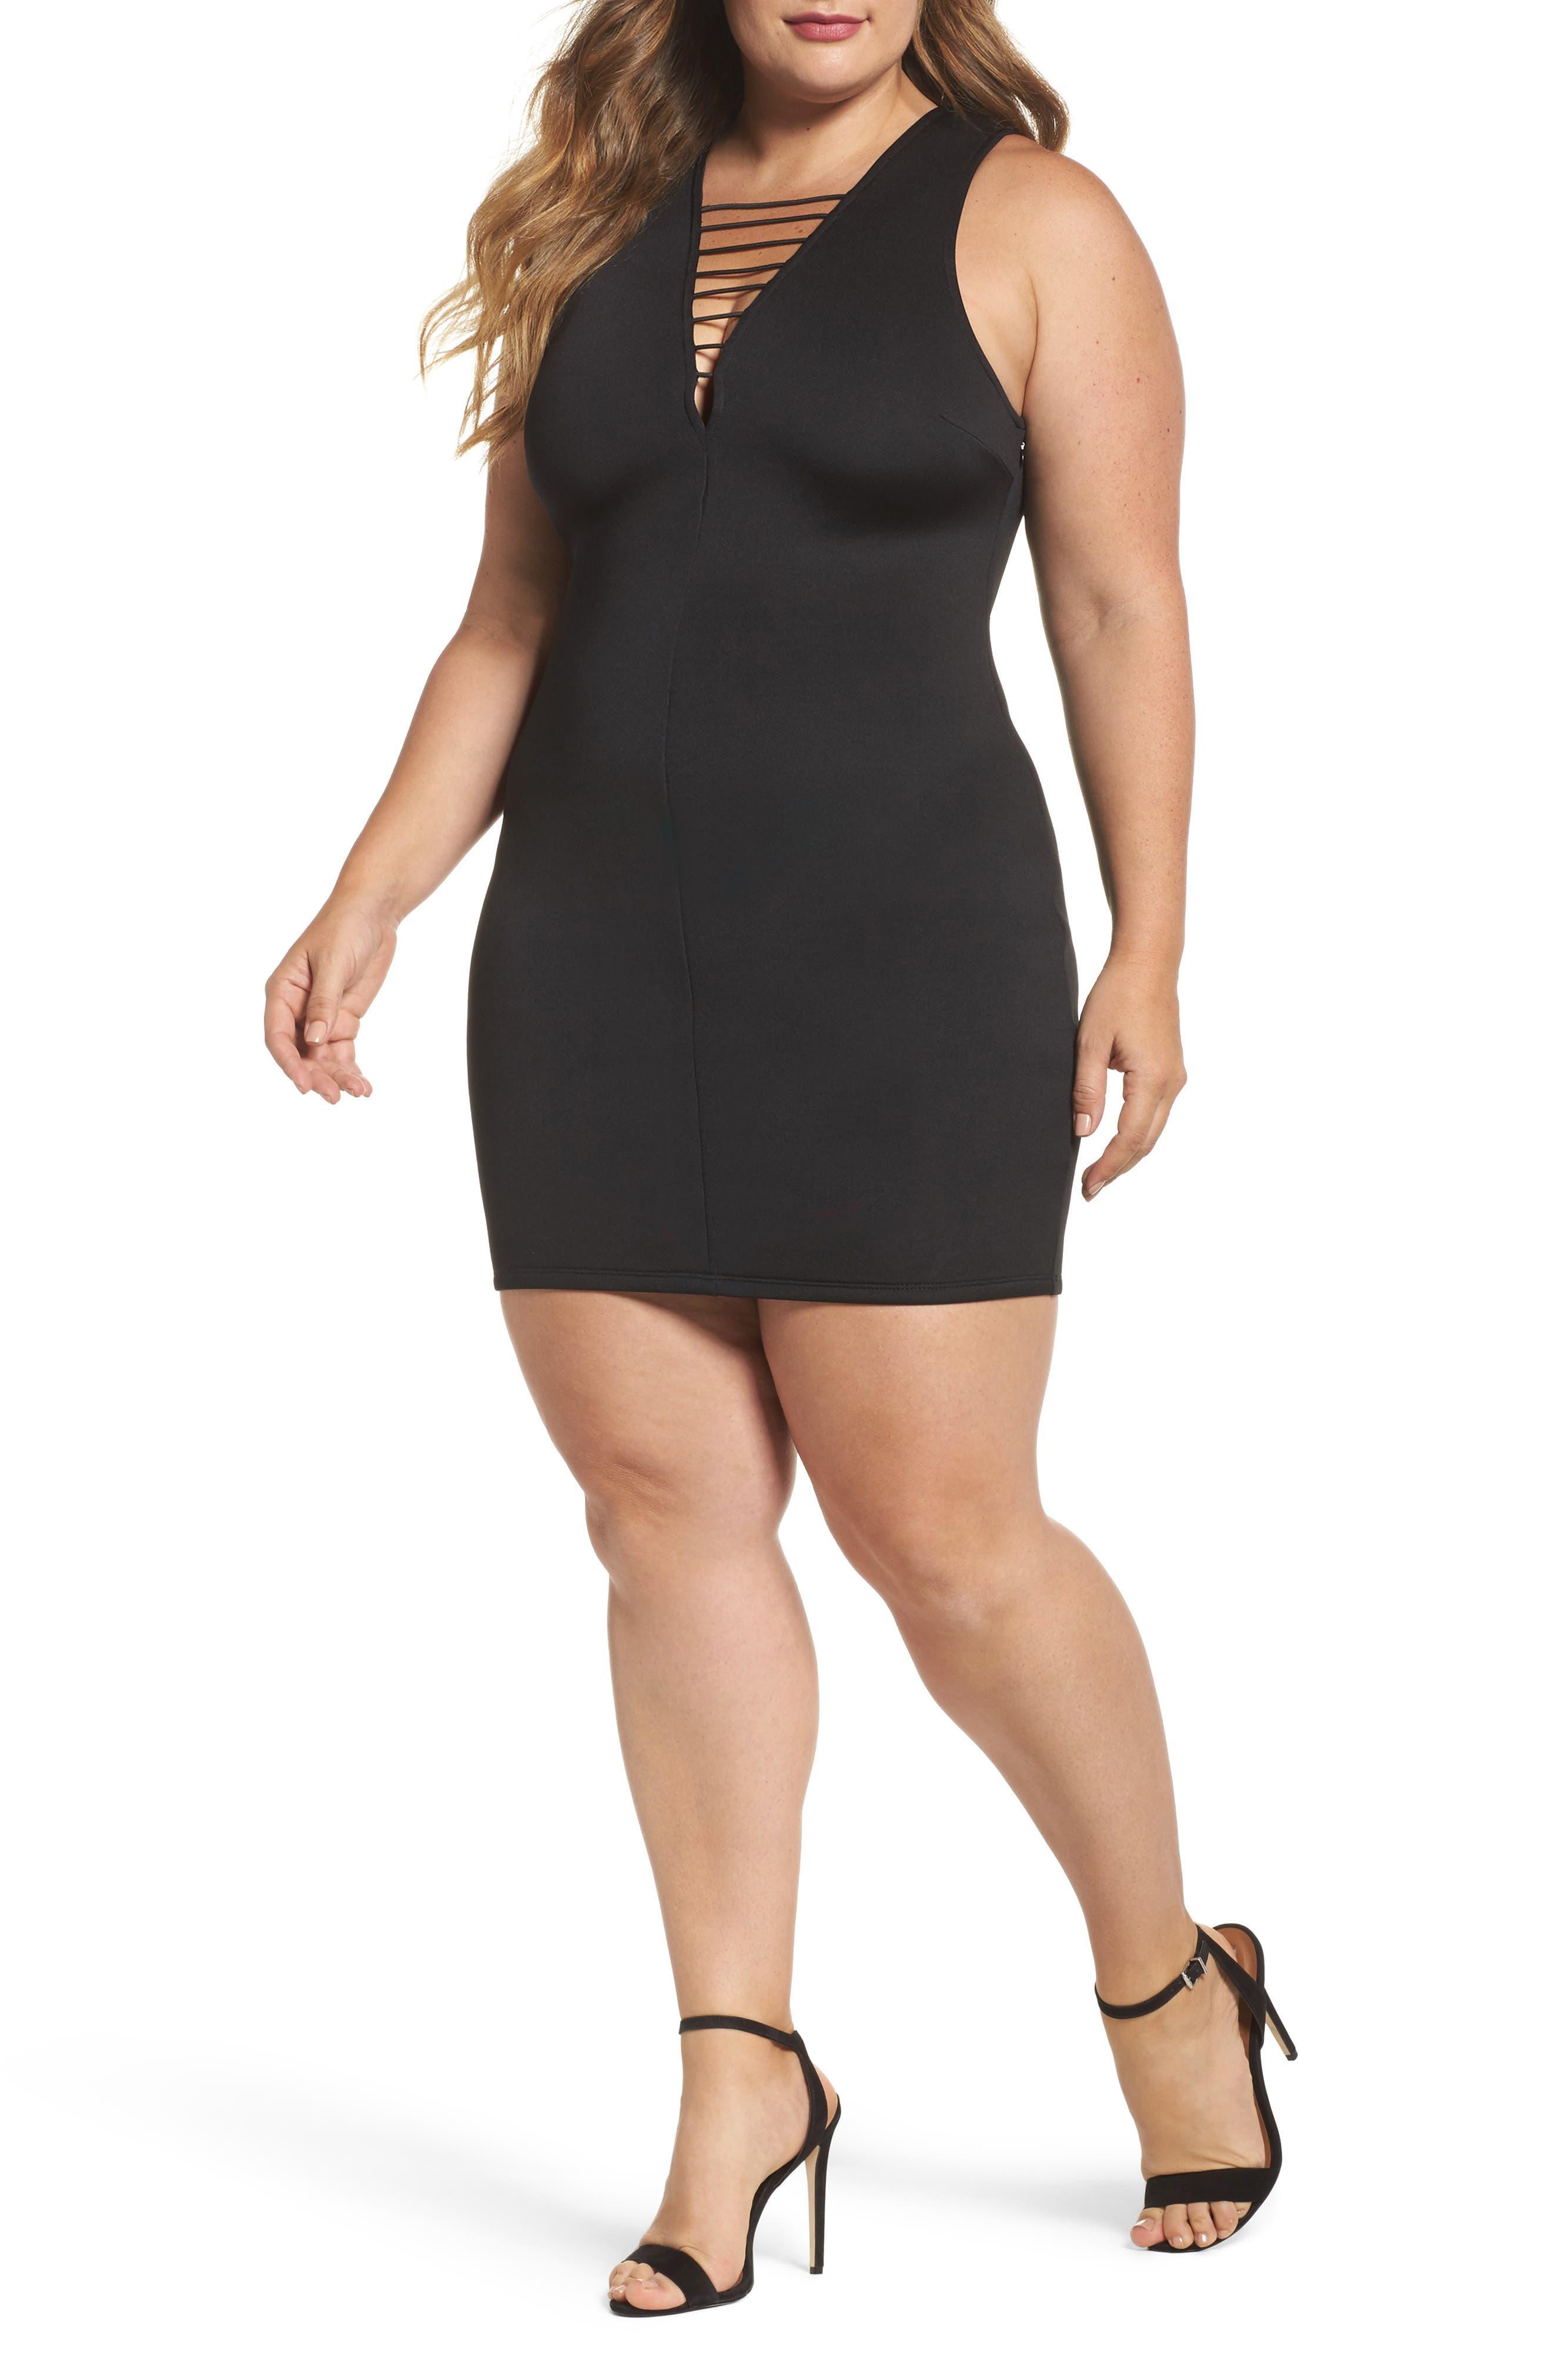 Main Image - Soprano Strappy Body-Con Dress